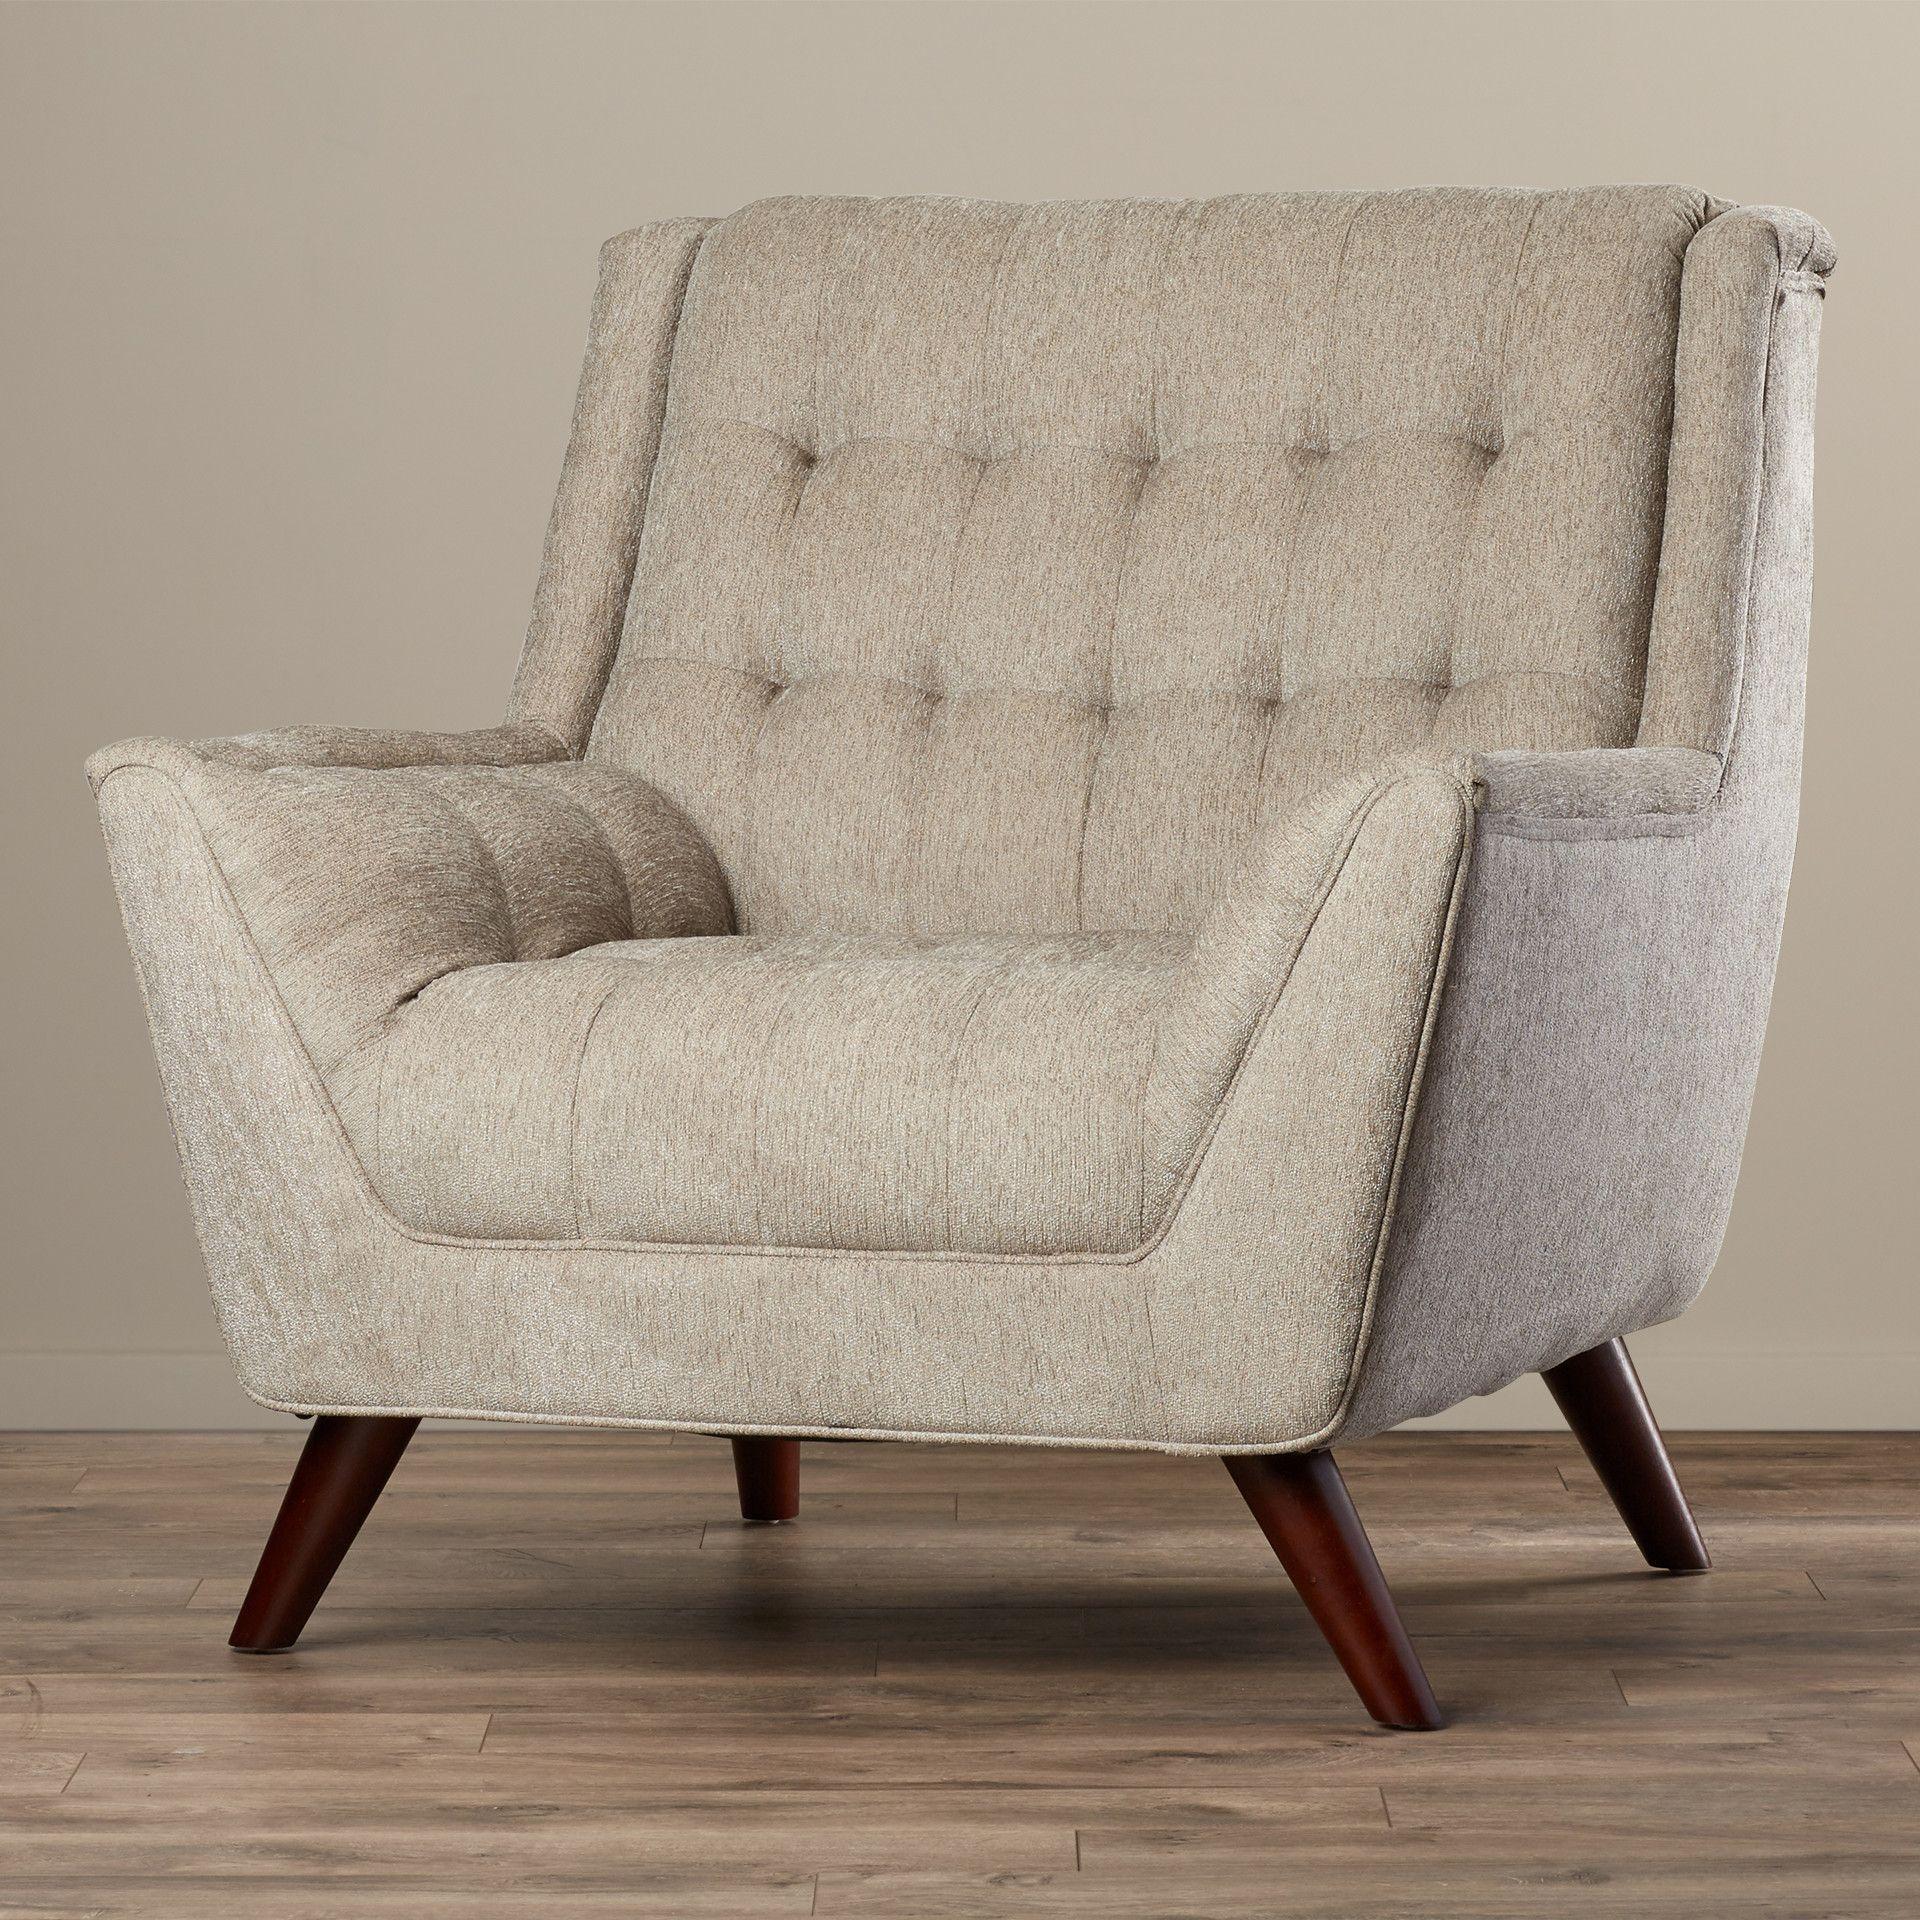 David Armchair  Comfy armchair, Armchair, Wayfair living room chairs